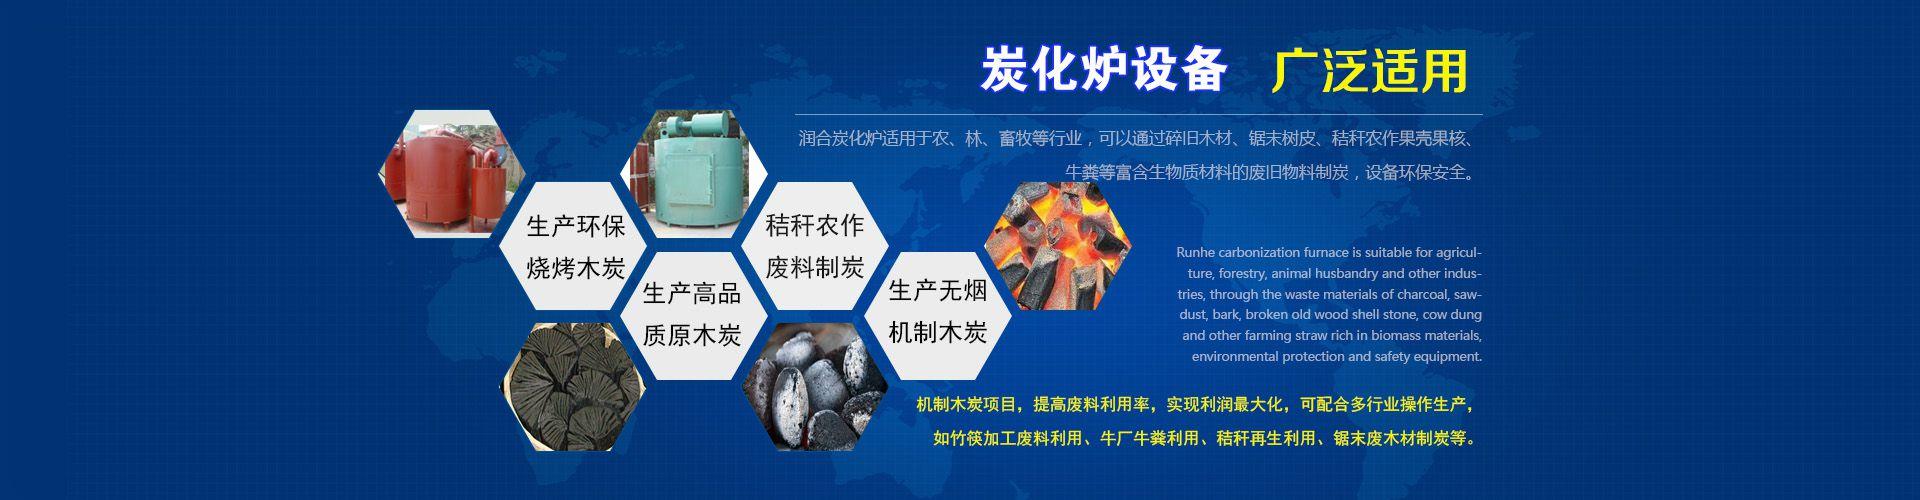 环保炭化炉